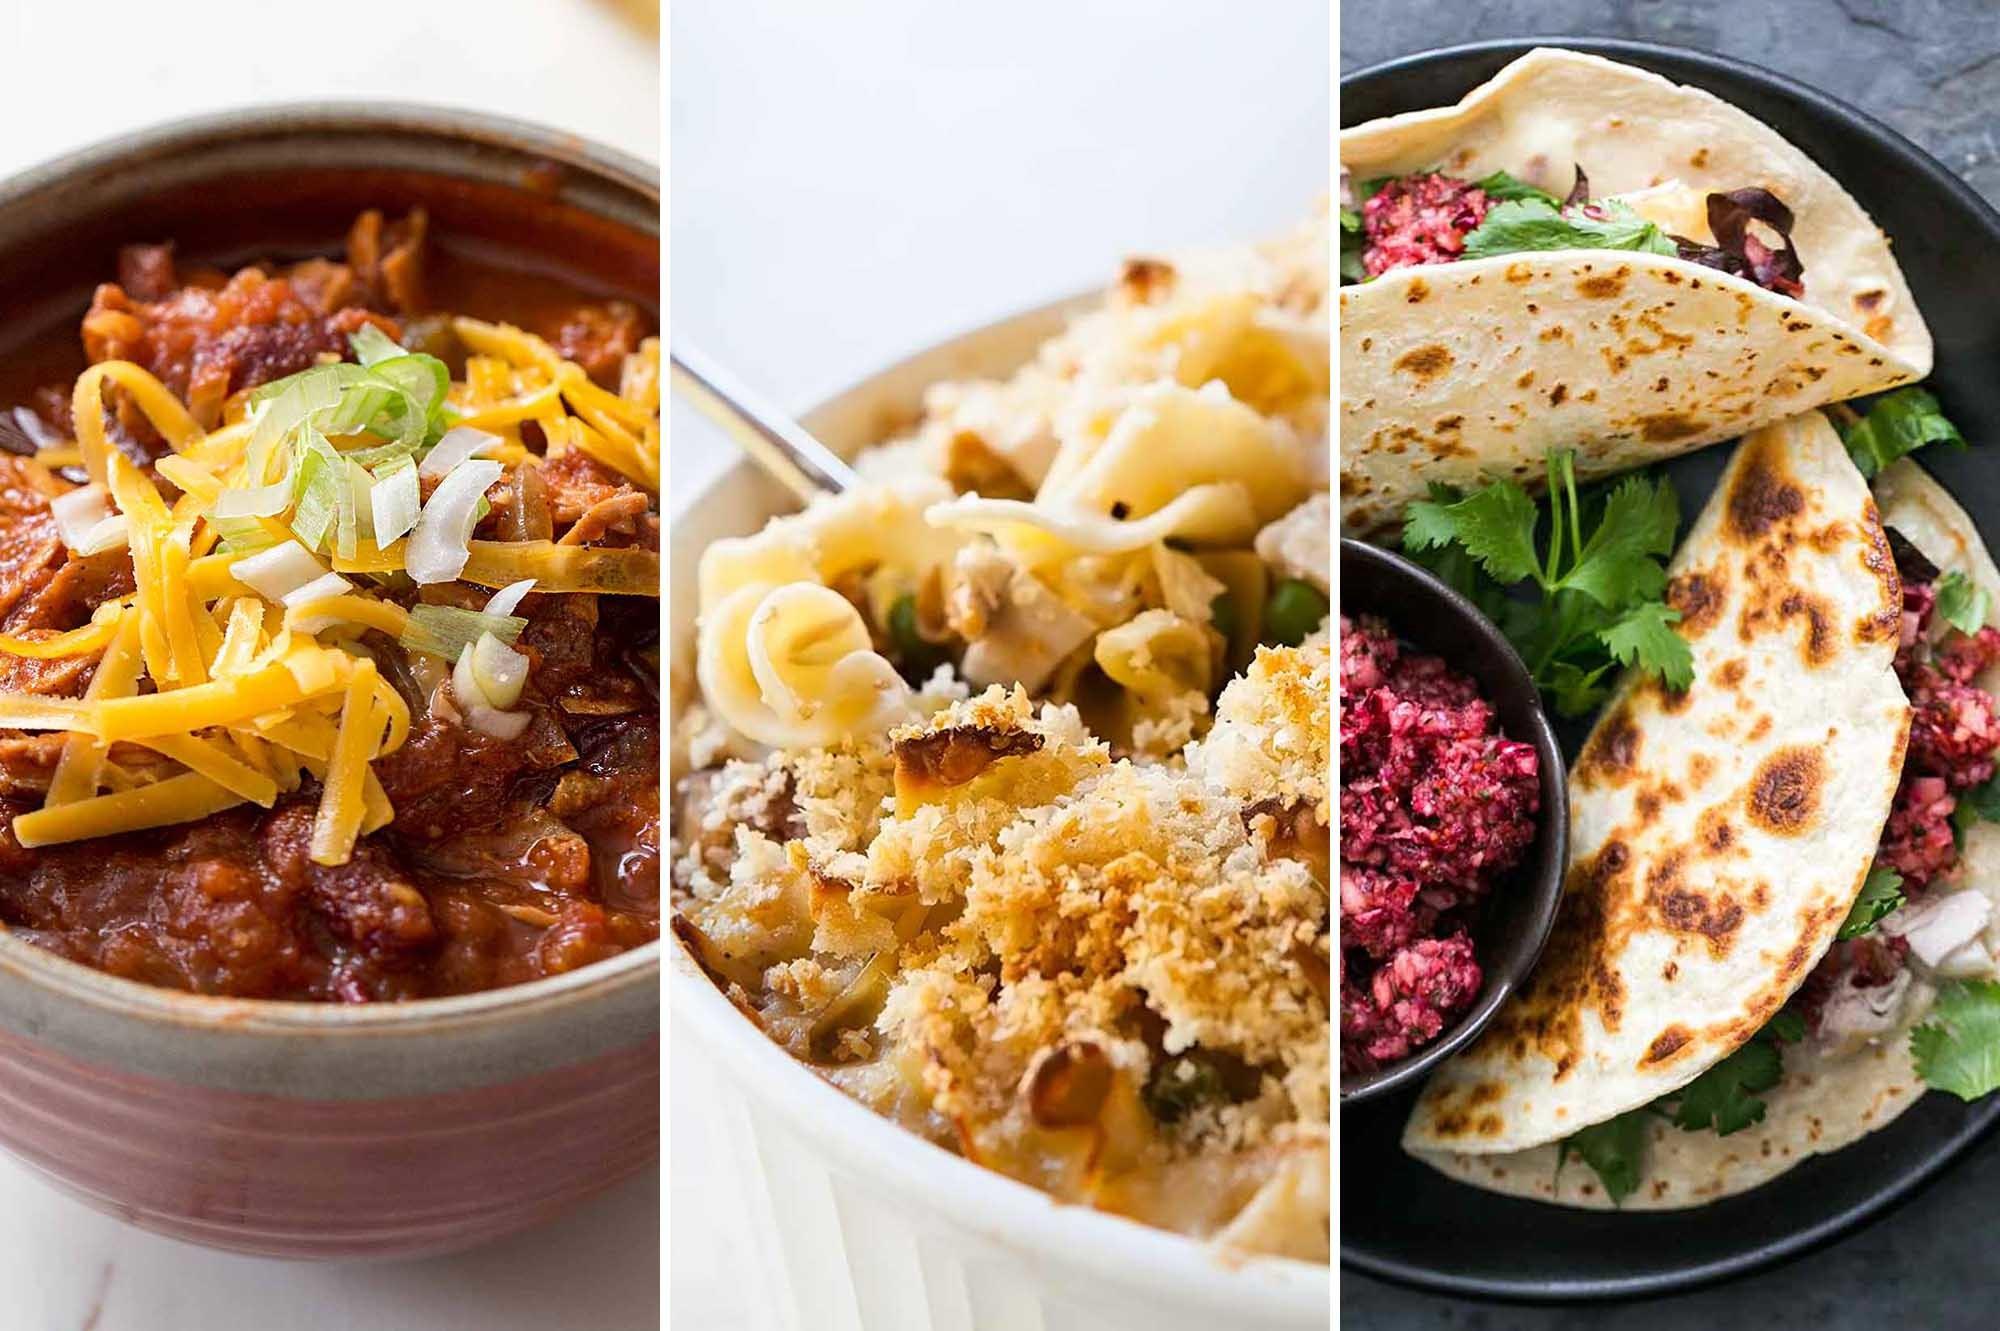 8 Best Recipes for Using Up Leftover Turkey | SimplyRecipes.com